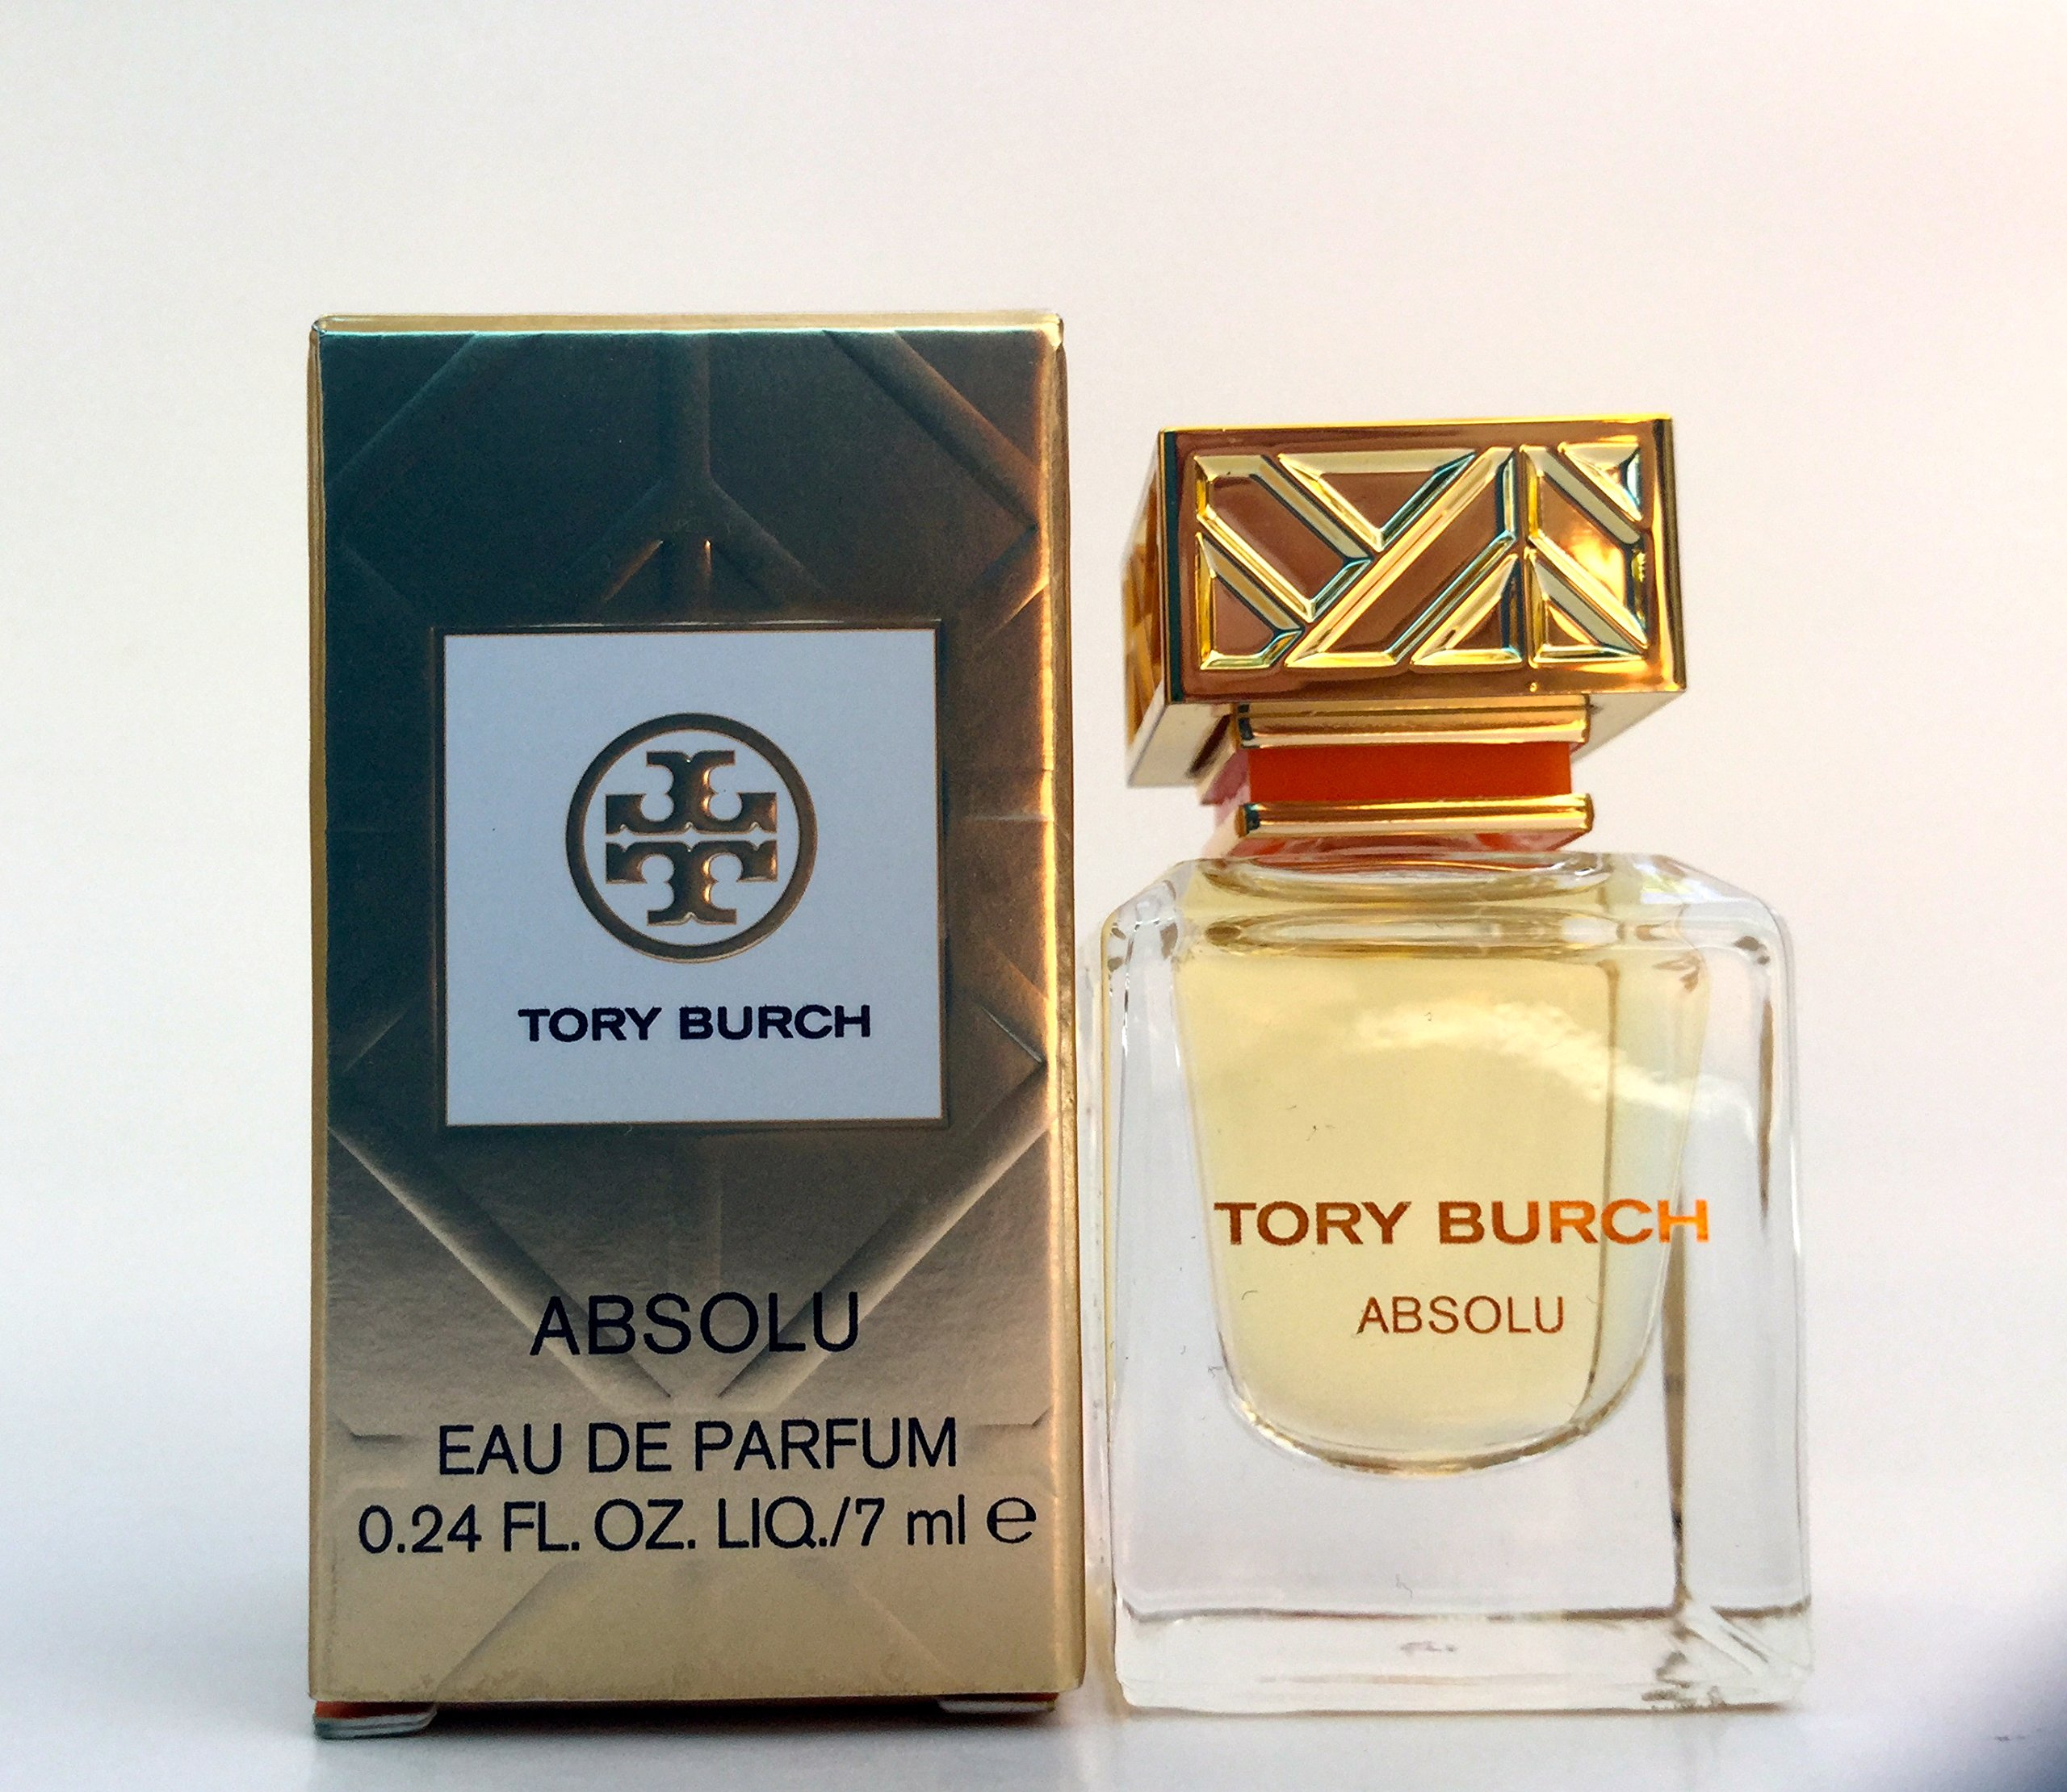 Tory Burch Absolu by Tory Burch for Women 7 ml./.24 oz Eau